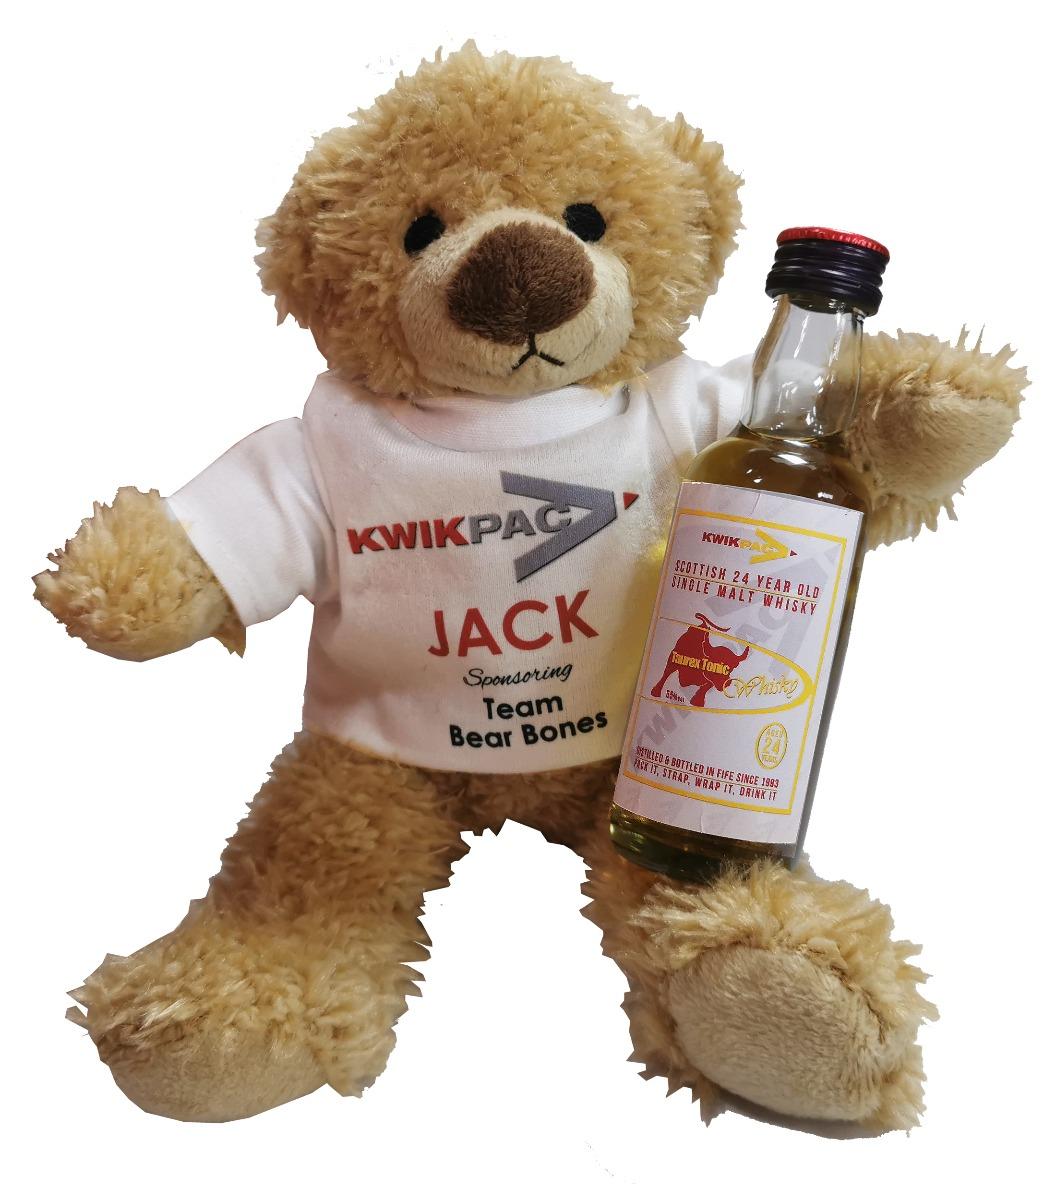 Kwikpac Jack with Taurex Tonic Whisky